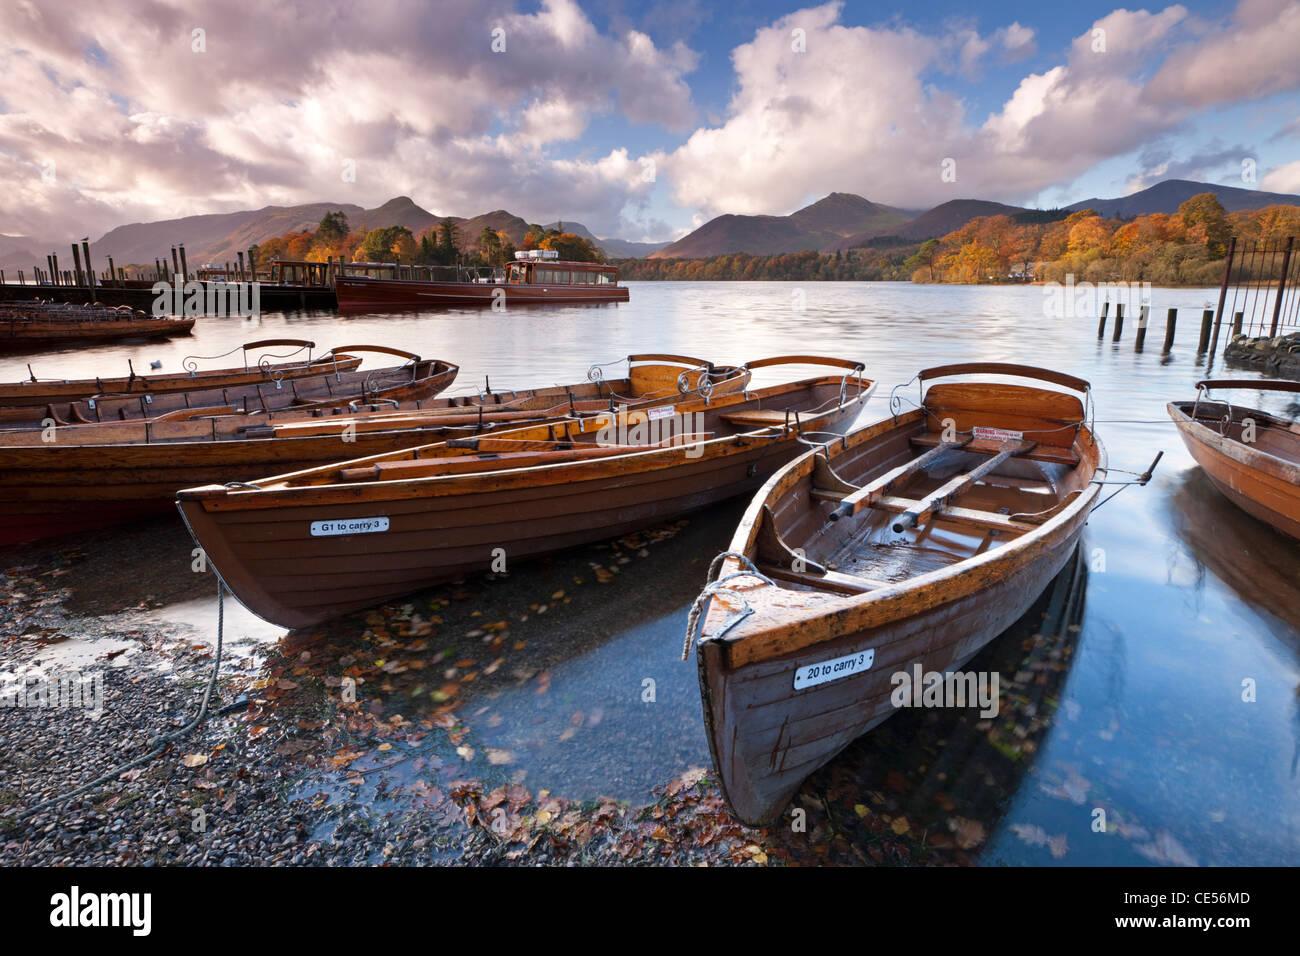 Barche a remi sulla Derwent Water a Keswick, Lake District, Cumbria, Inghilterra. In autunno (novembre 2011). Immagini Stock